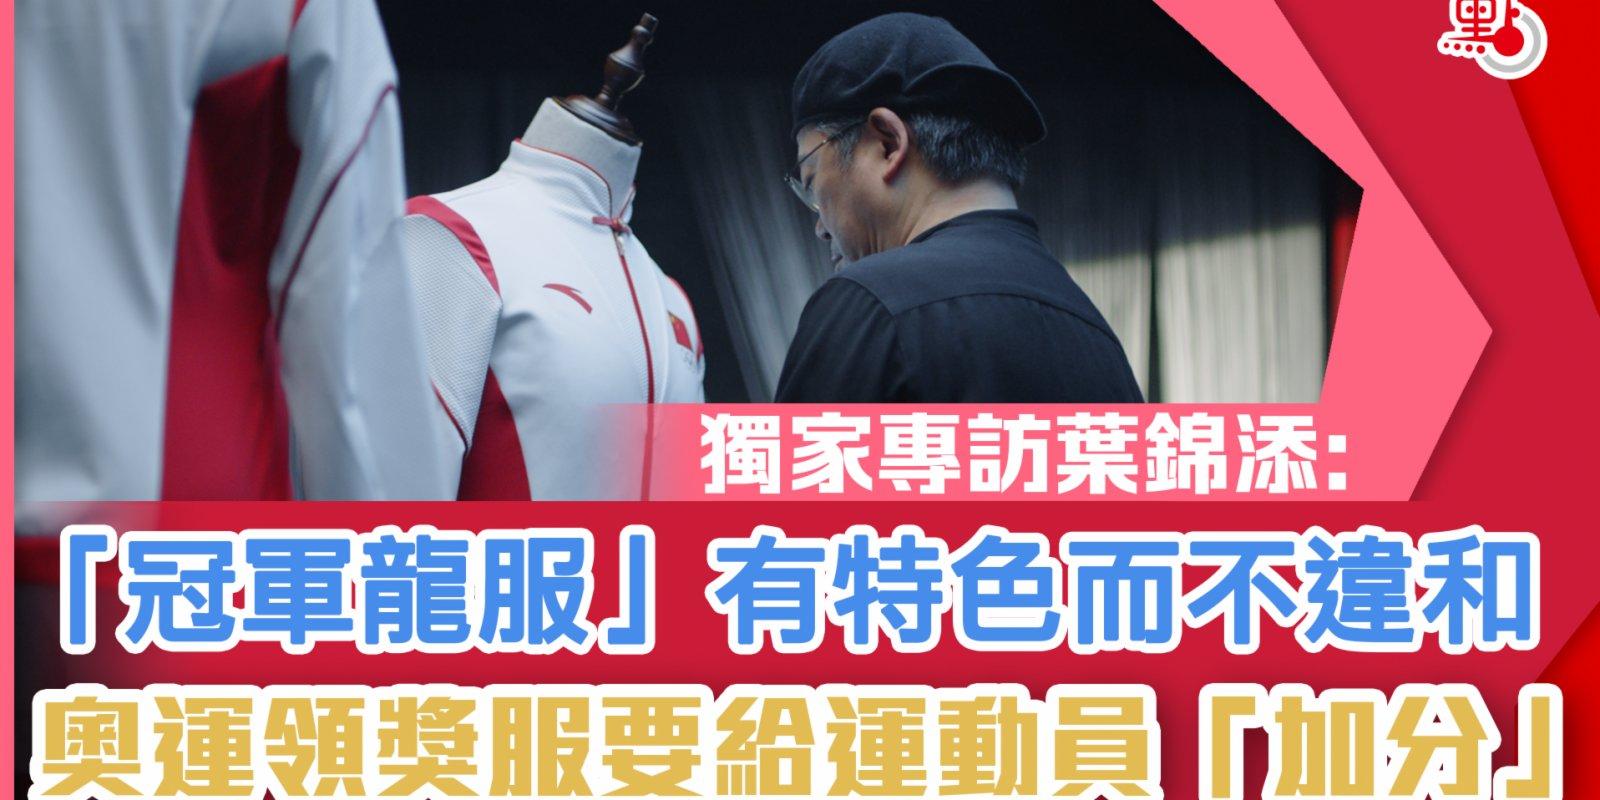 獨家專訪 國家隊「冠軍龍服」 原來是由這位港人設計的!